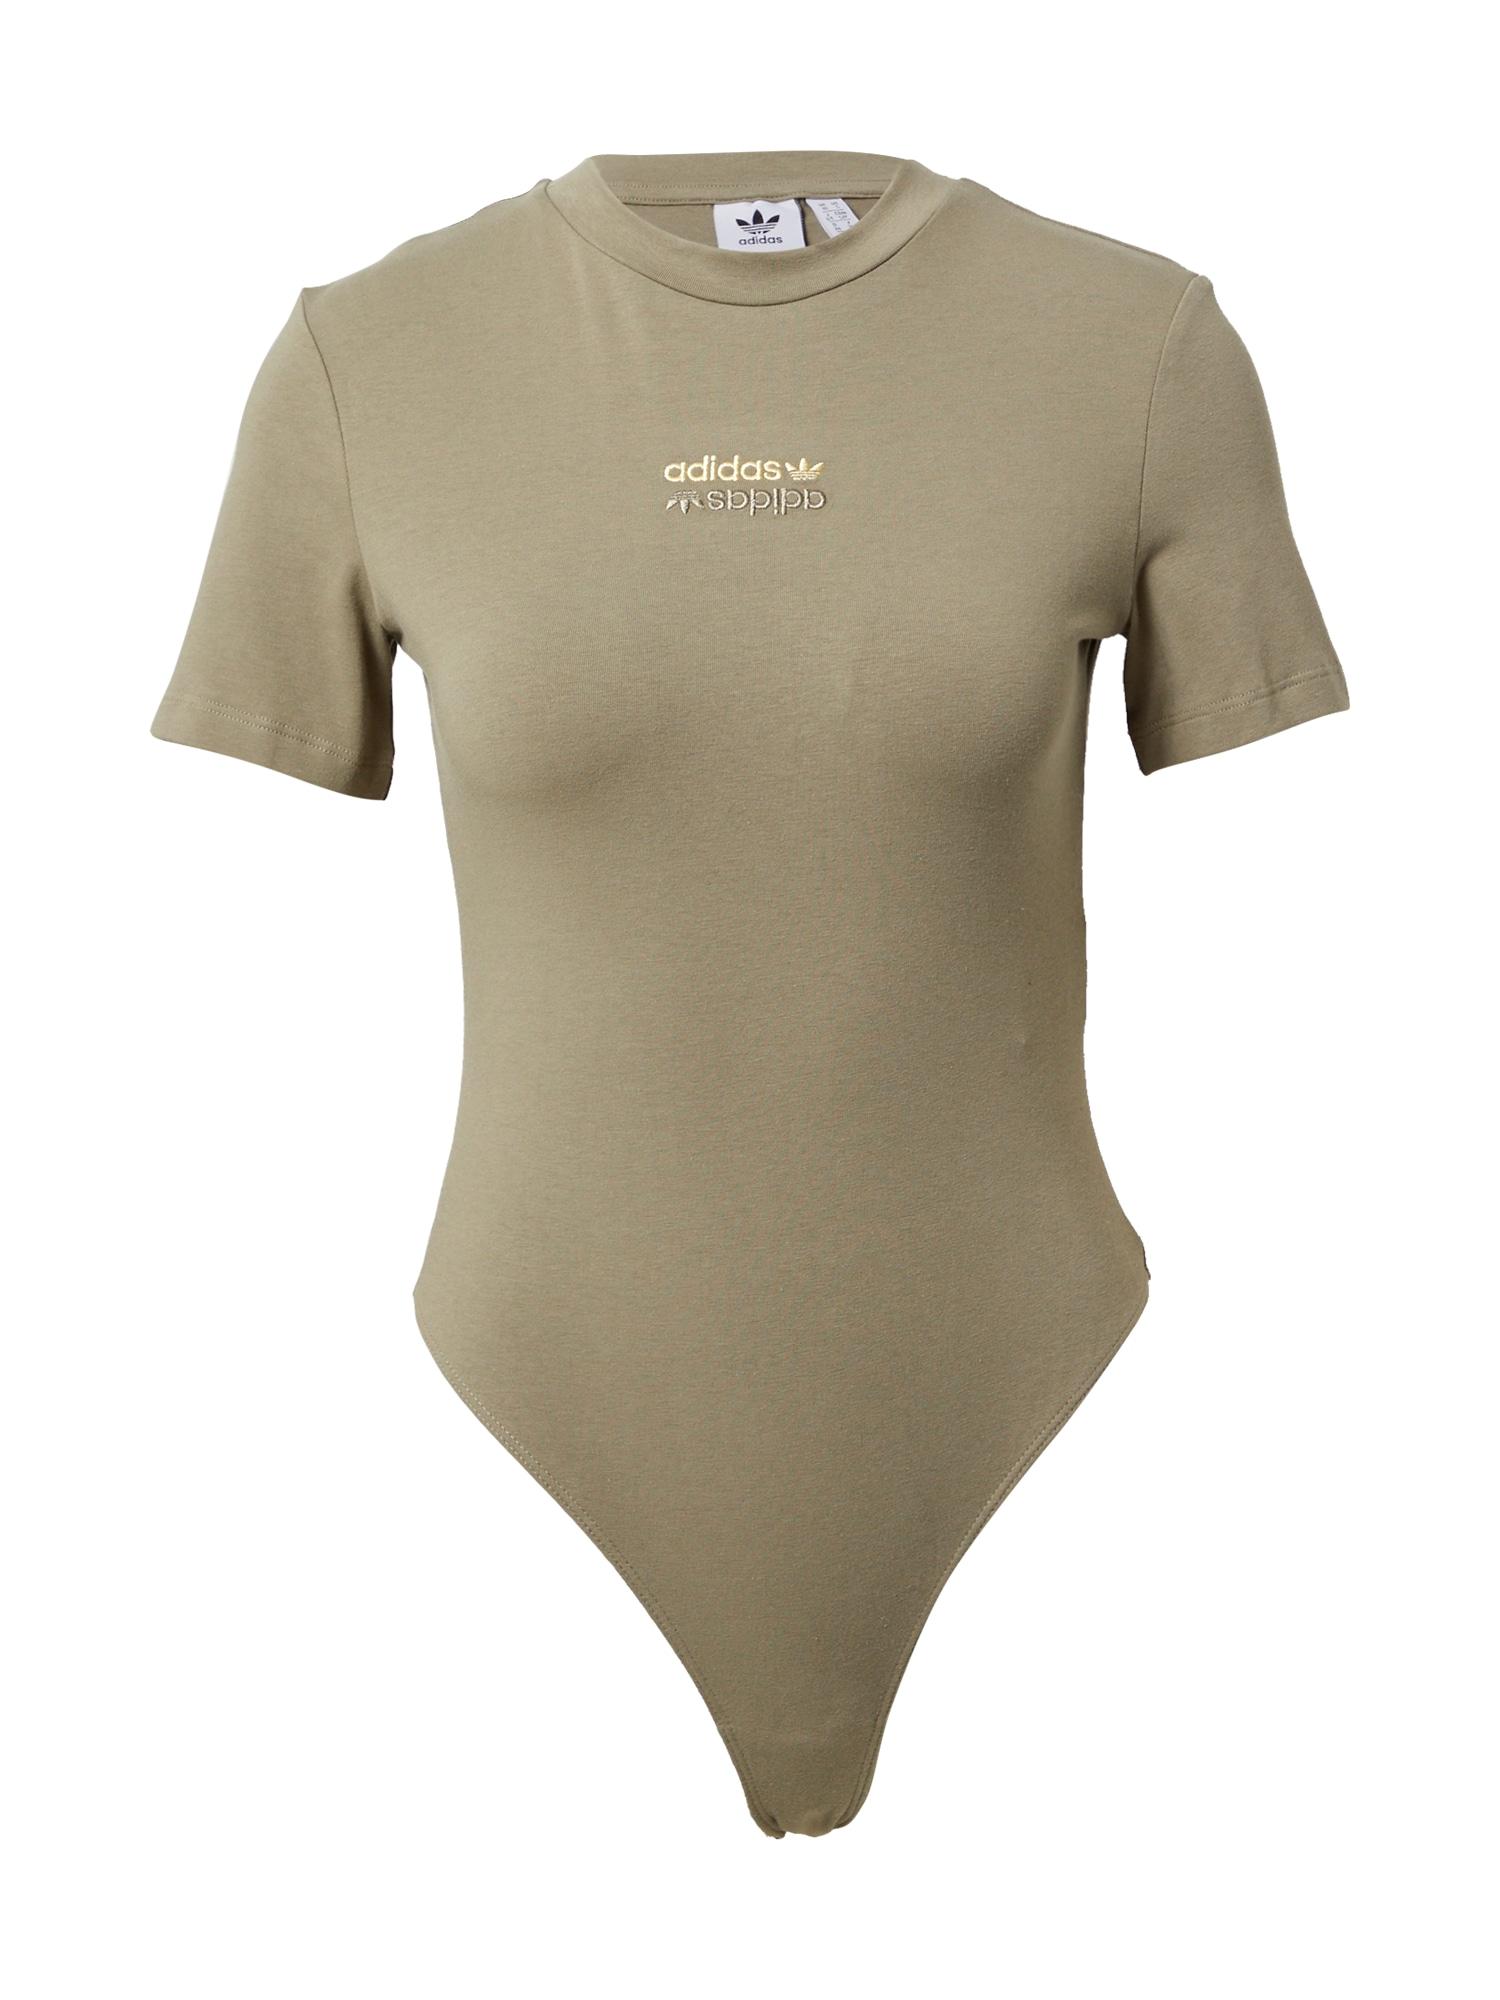 ADIDAS ORIGINALS Marškinėliai-glaustinukė rusvai žalia / aukso geltonumo spalva / sidabro pilka